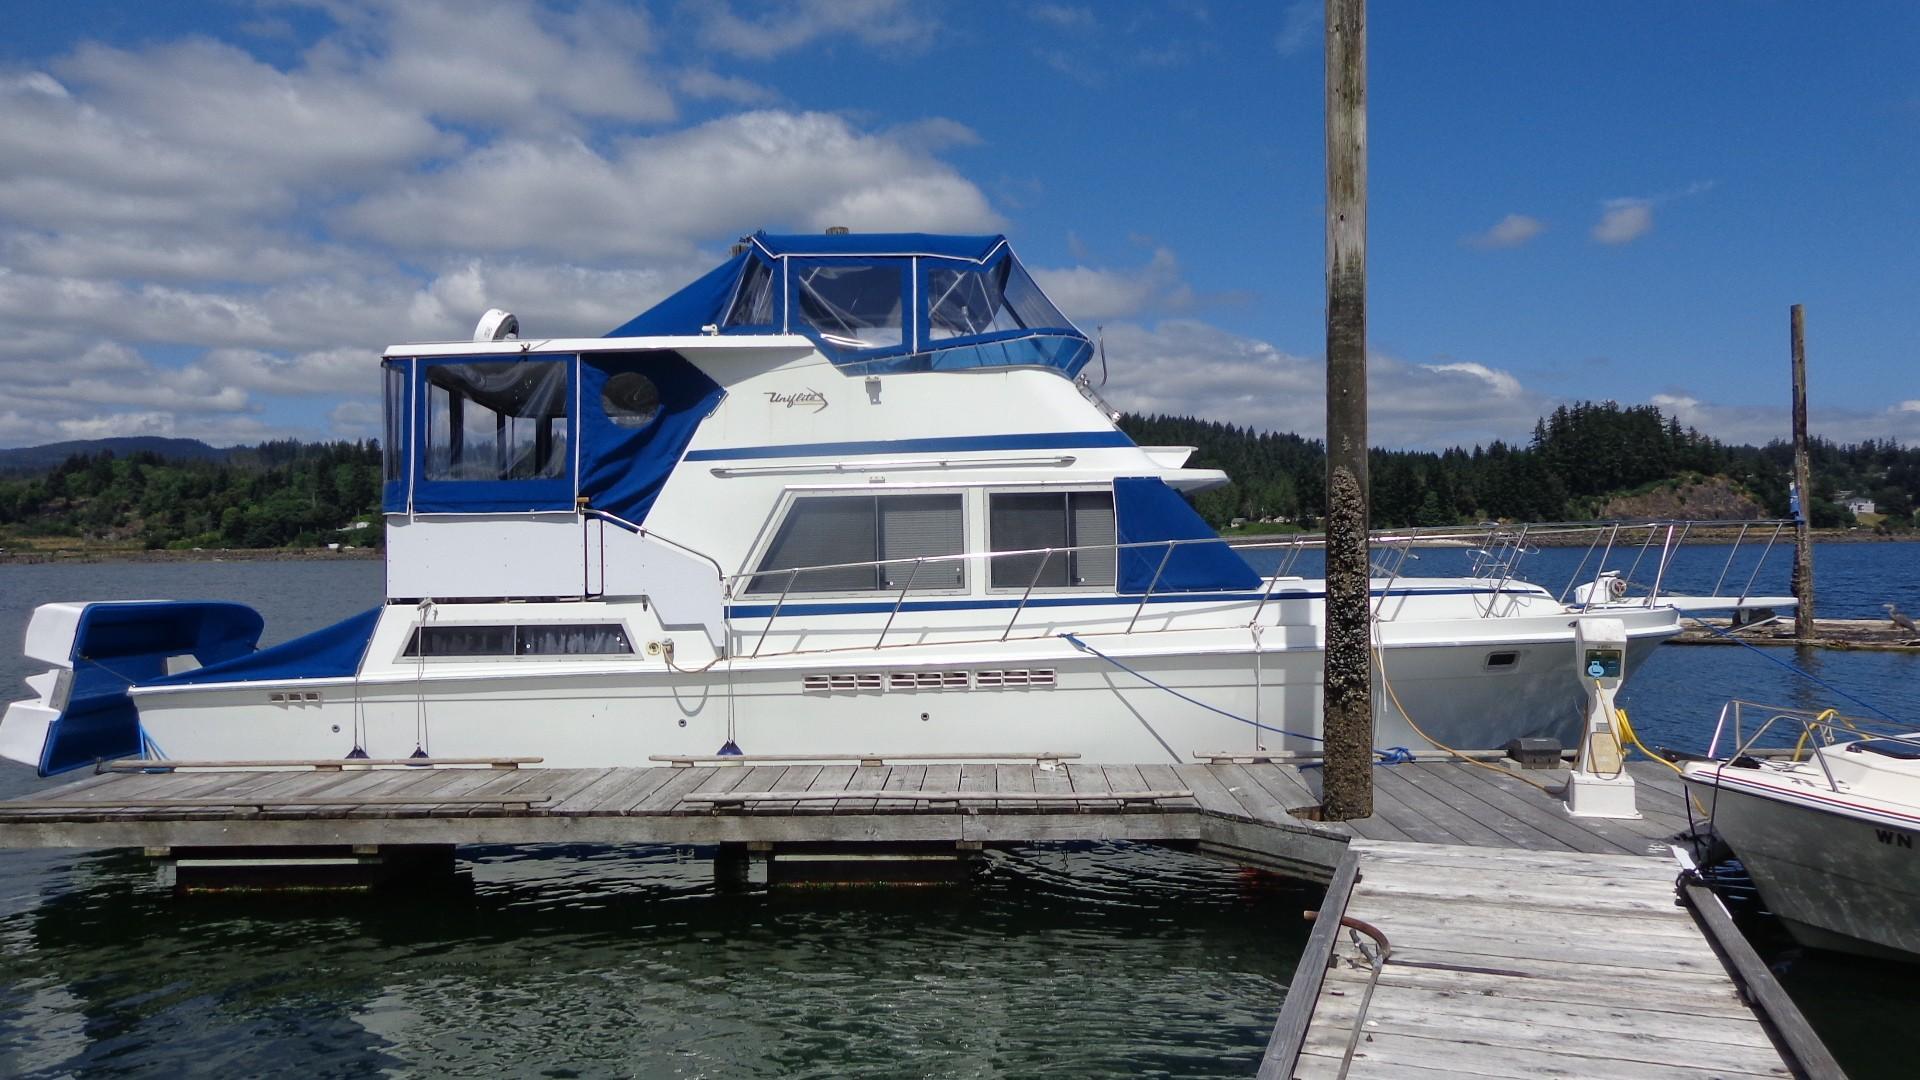 1981 Uniflite Live aboard ready Power Boat For Sale - www ...